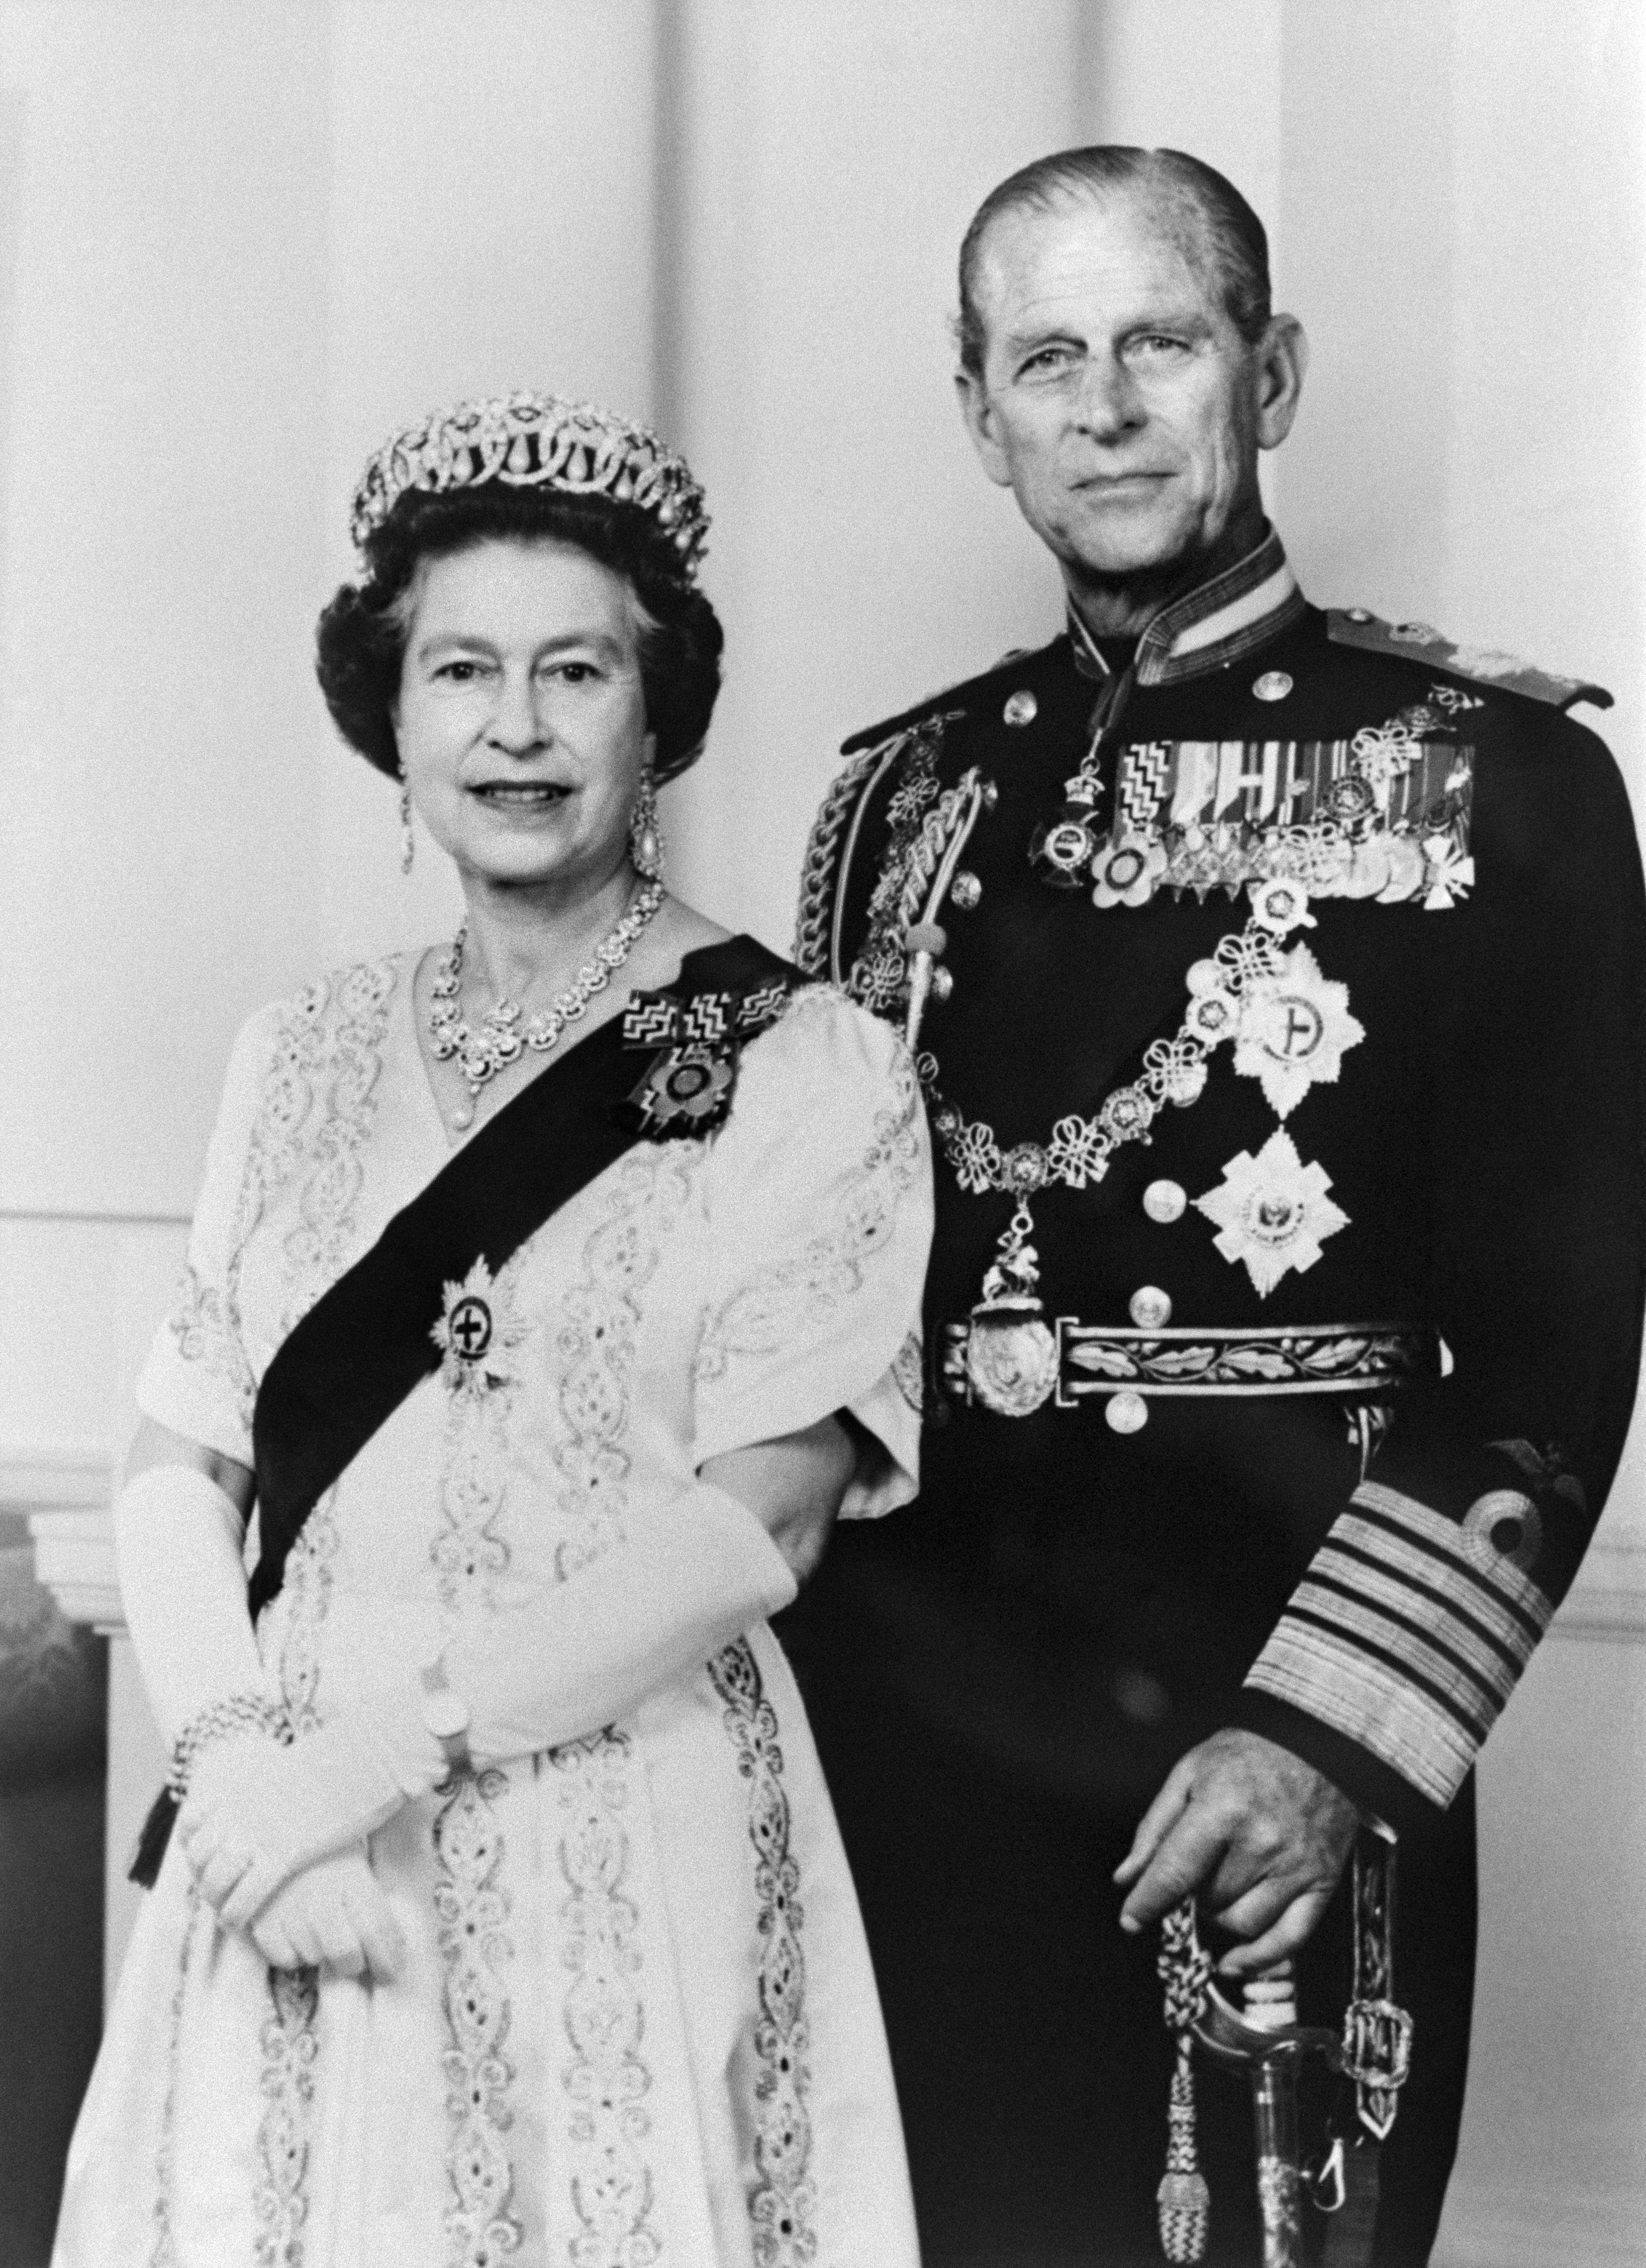 Le immagini con cui la coppia reale festeggia le nozze di ferro, insieme a  una selezione di foto della loro lunga vita insieme.